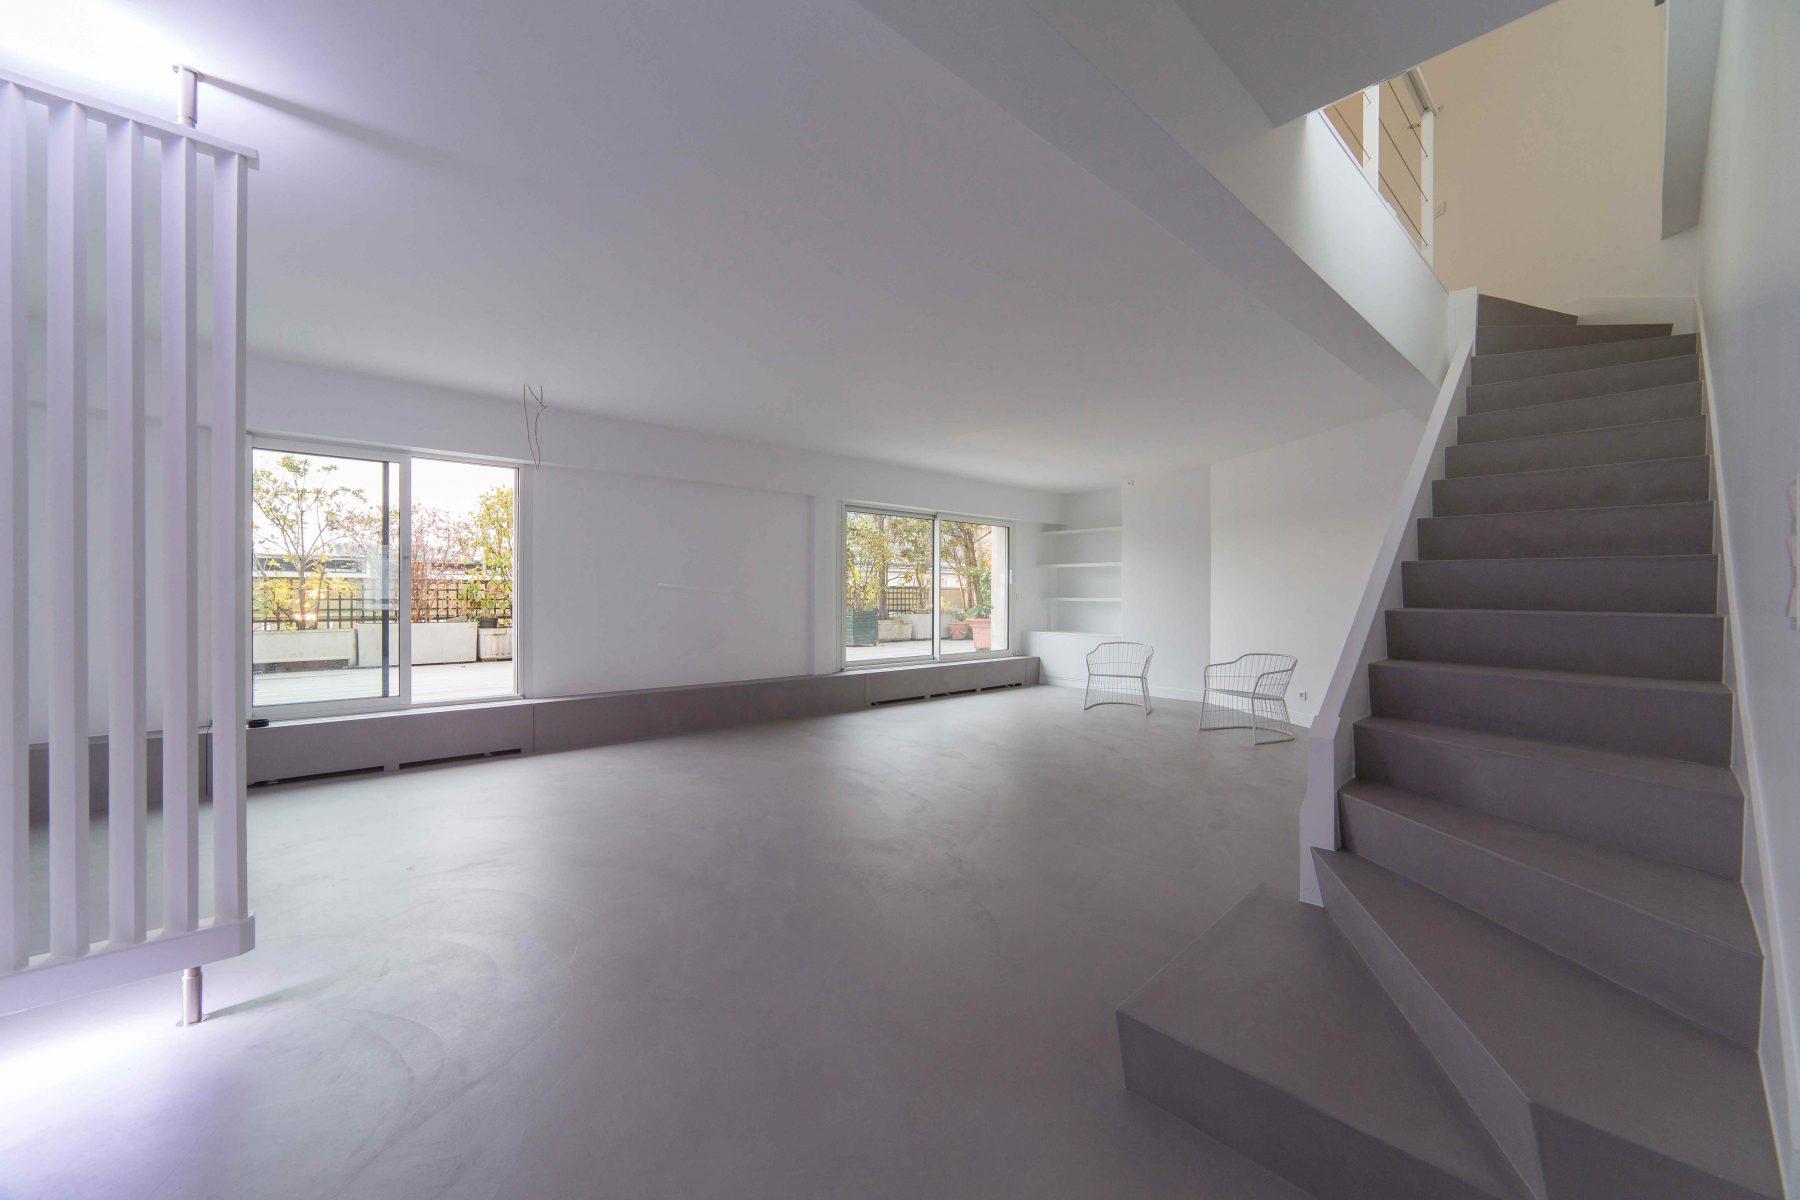 Salon escalier béton ciré spatulé Décaum Paris 14